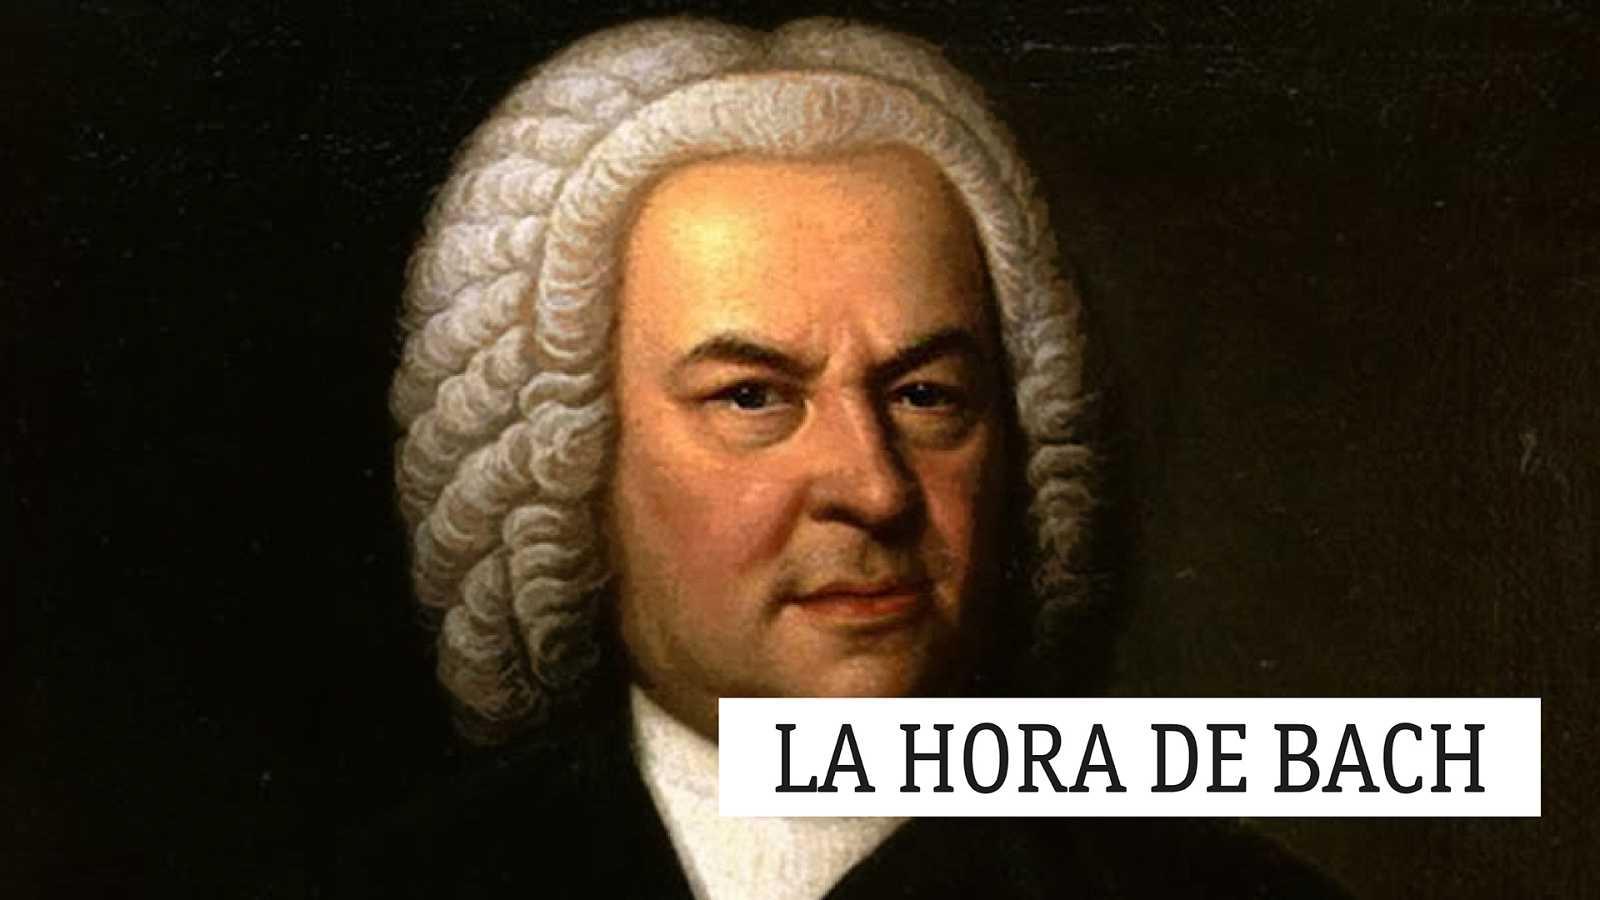 La hora de Bach - 06/02/21 - escuchar ahora